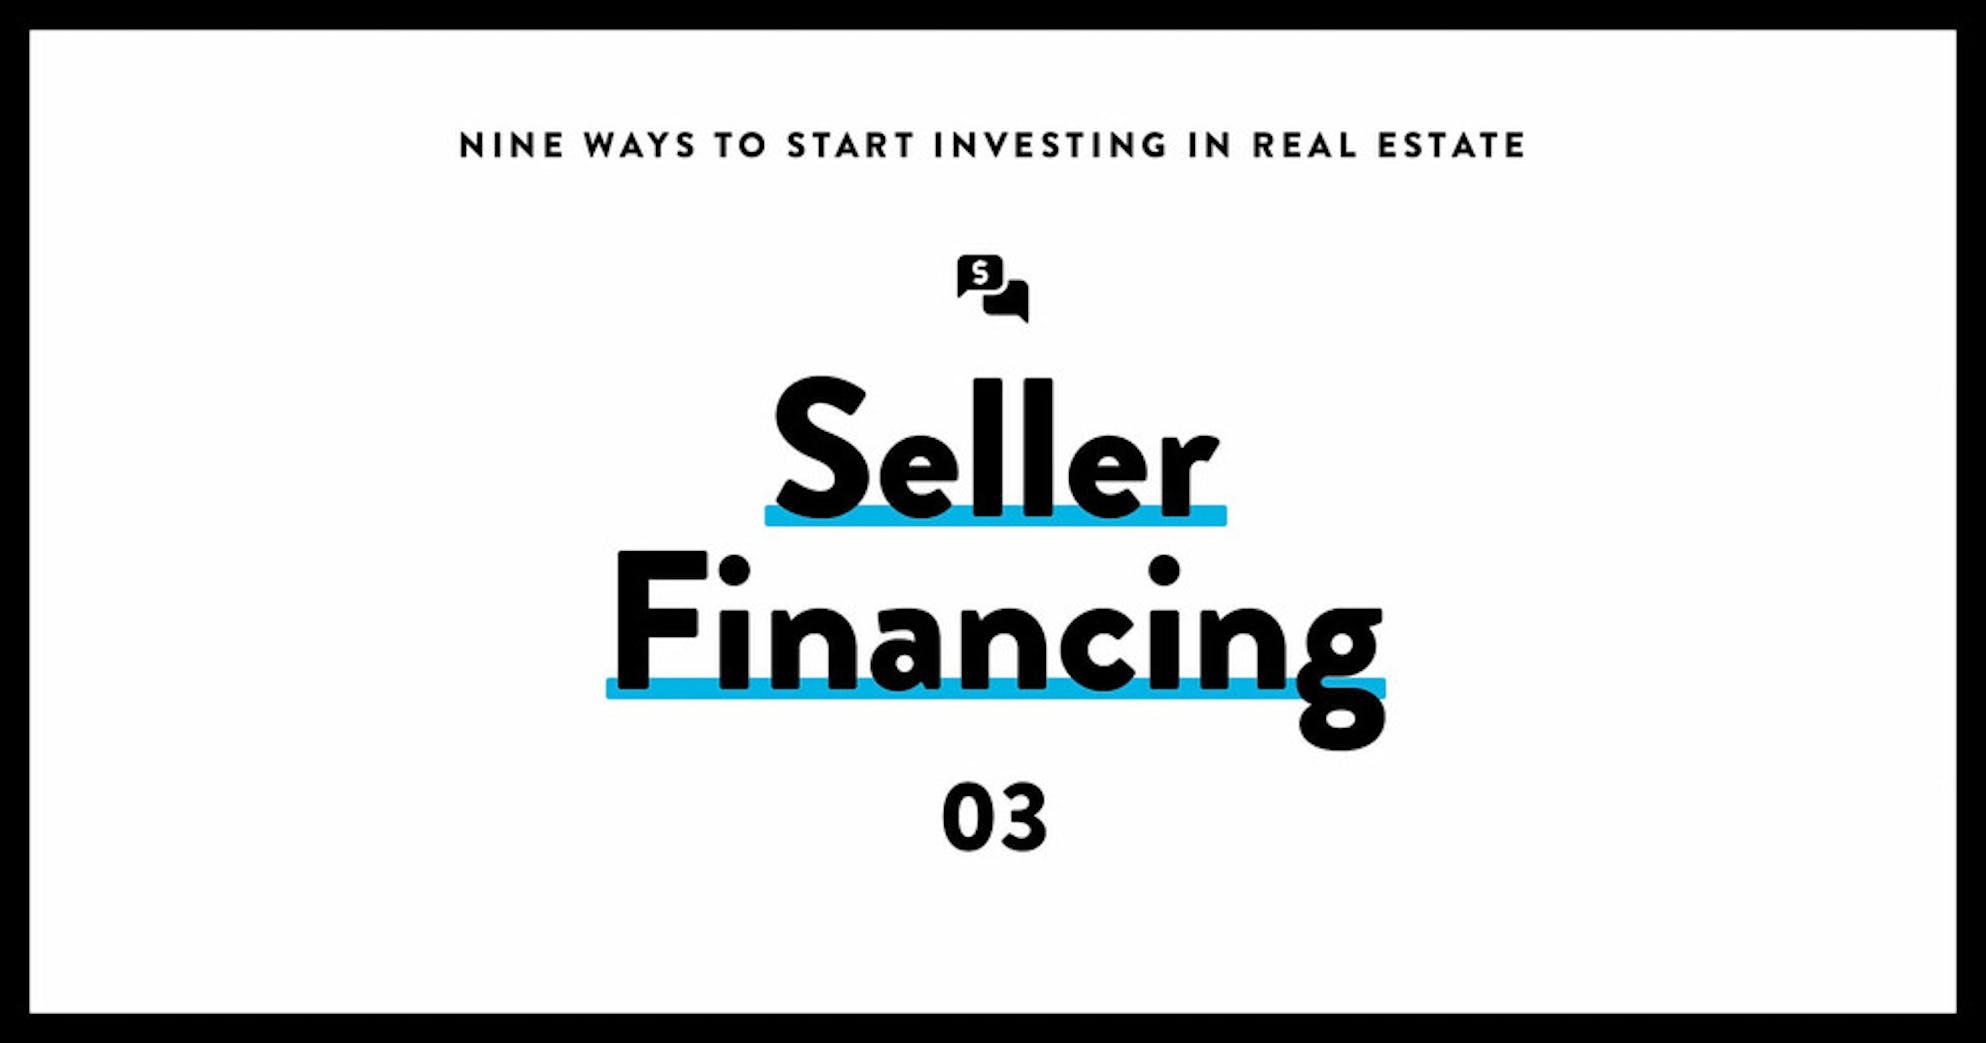 Invest in real estate 03 seller financing